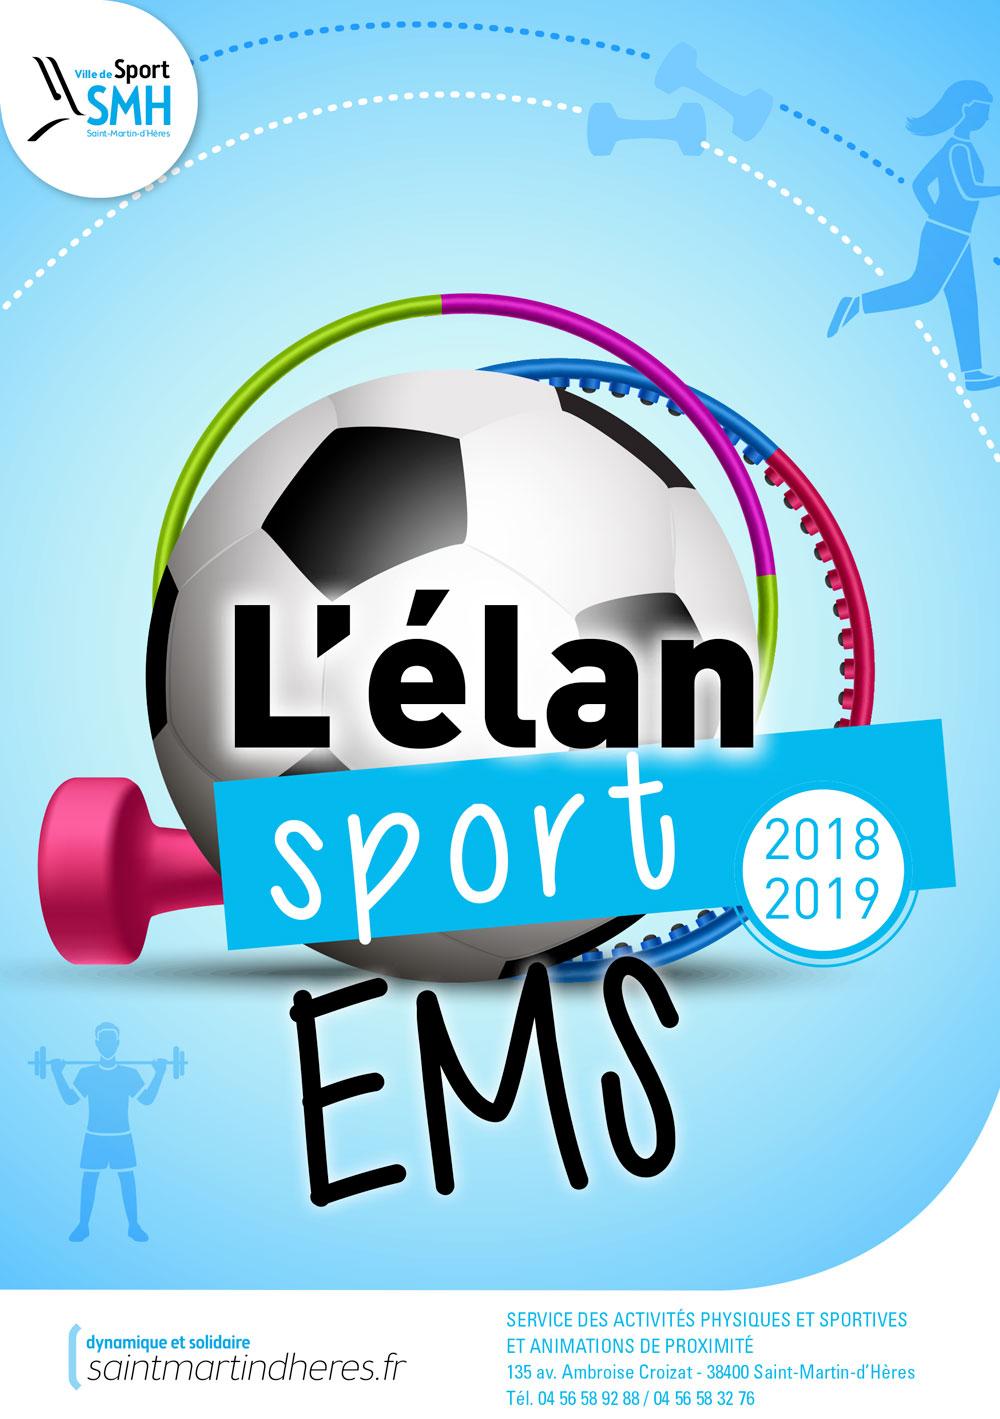 Elan sport 2018 / 2019